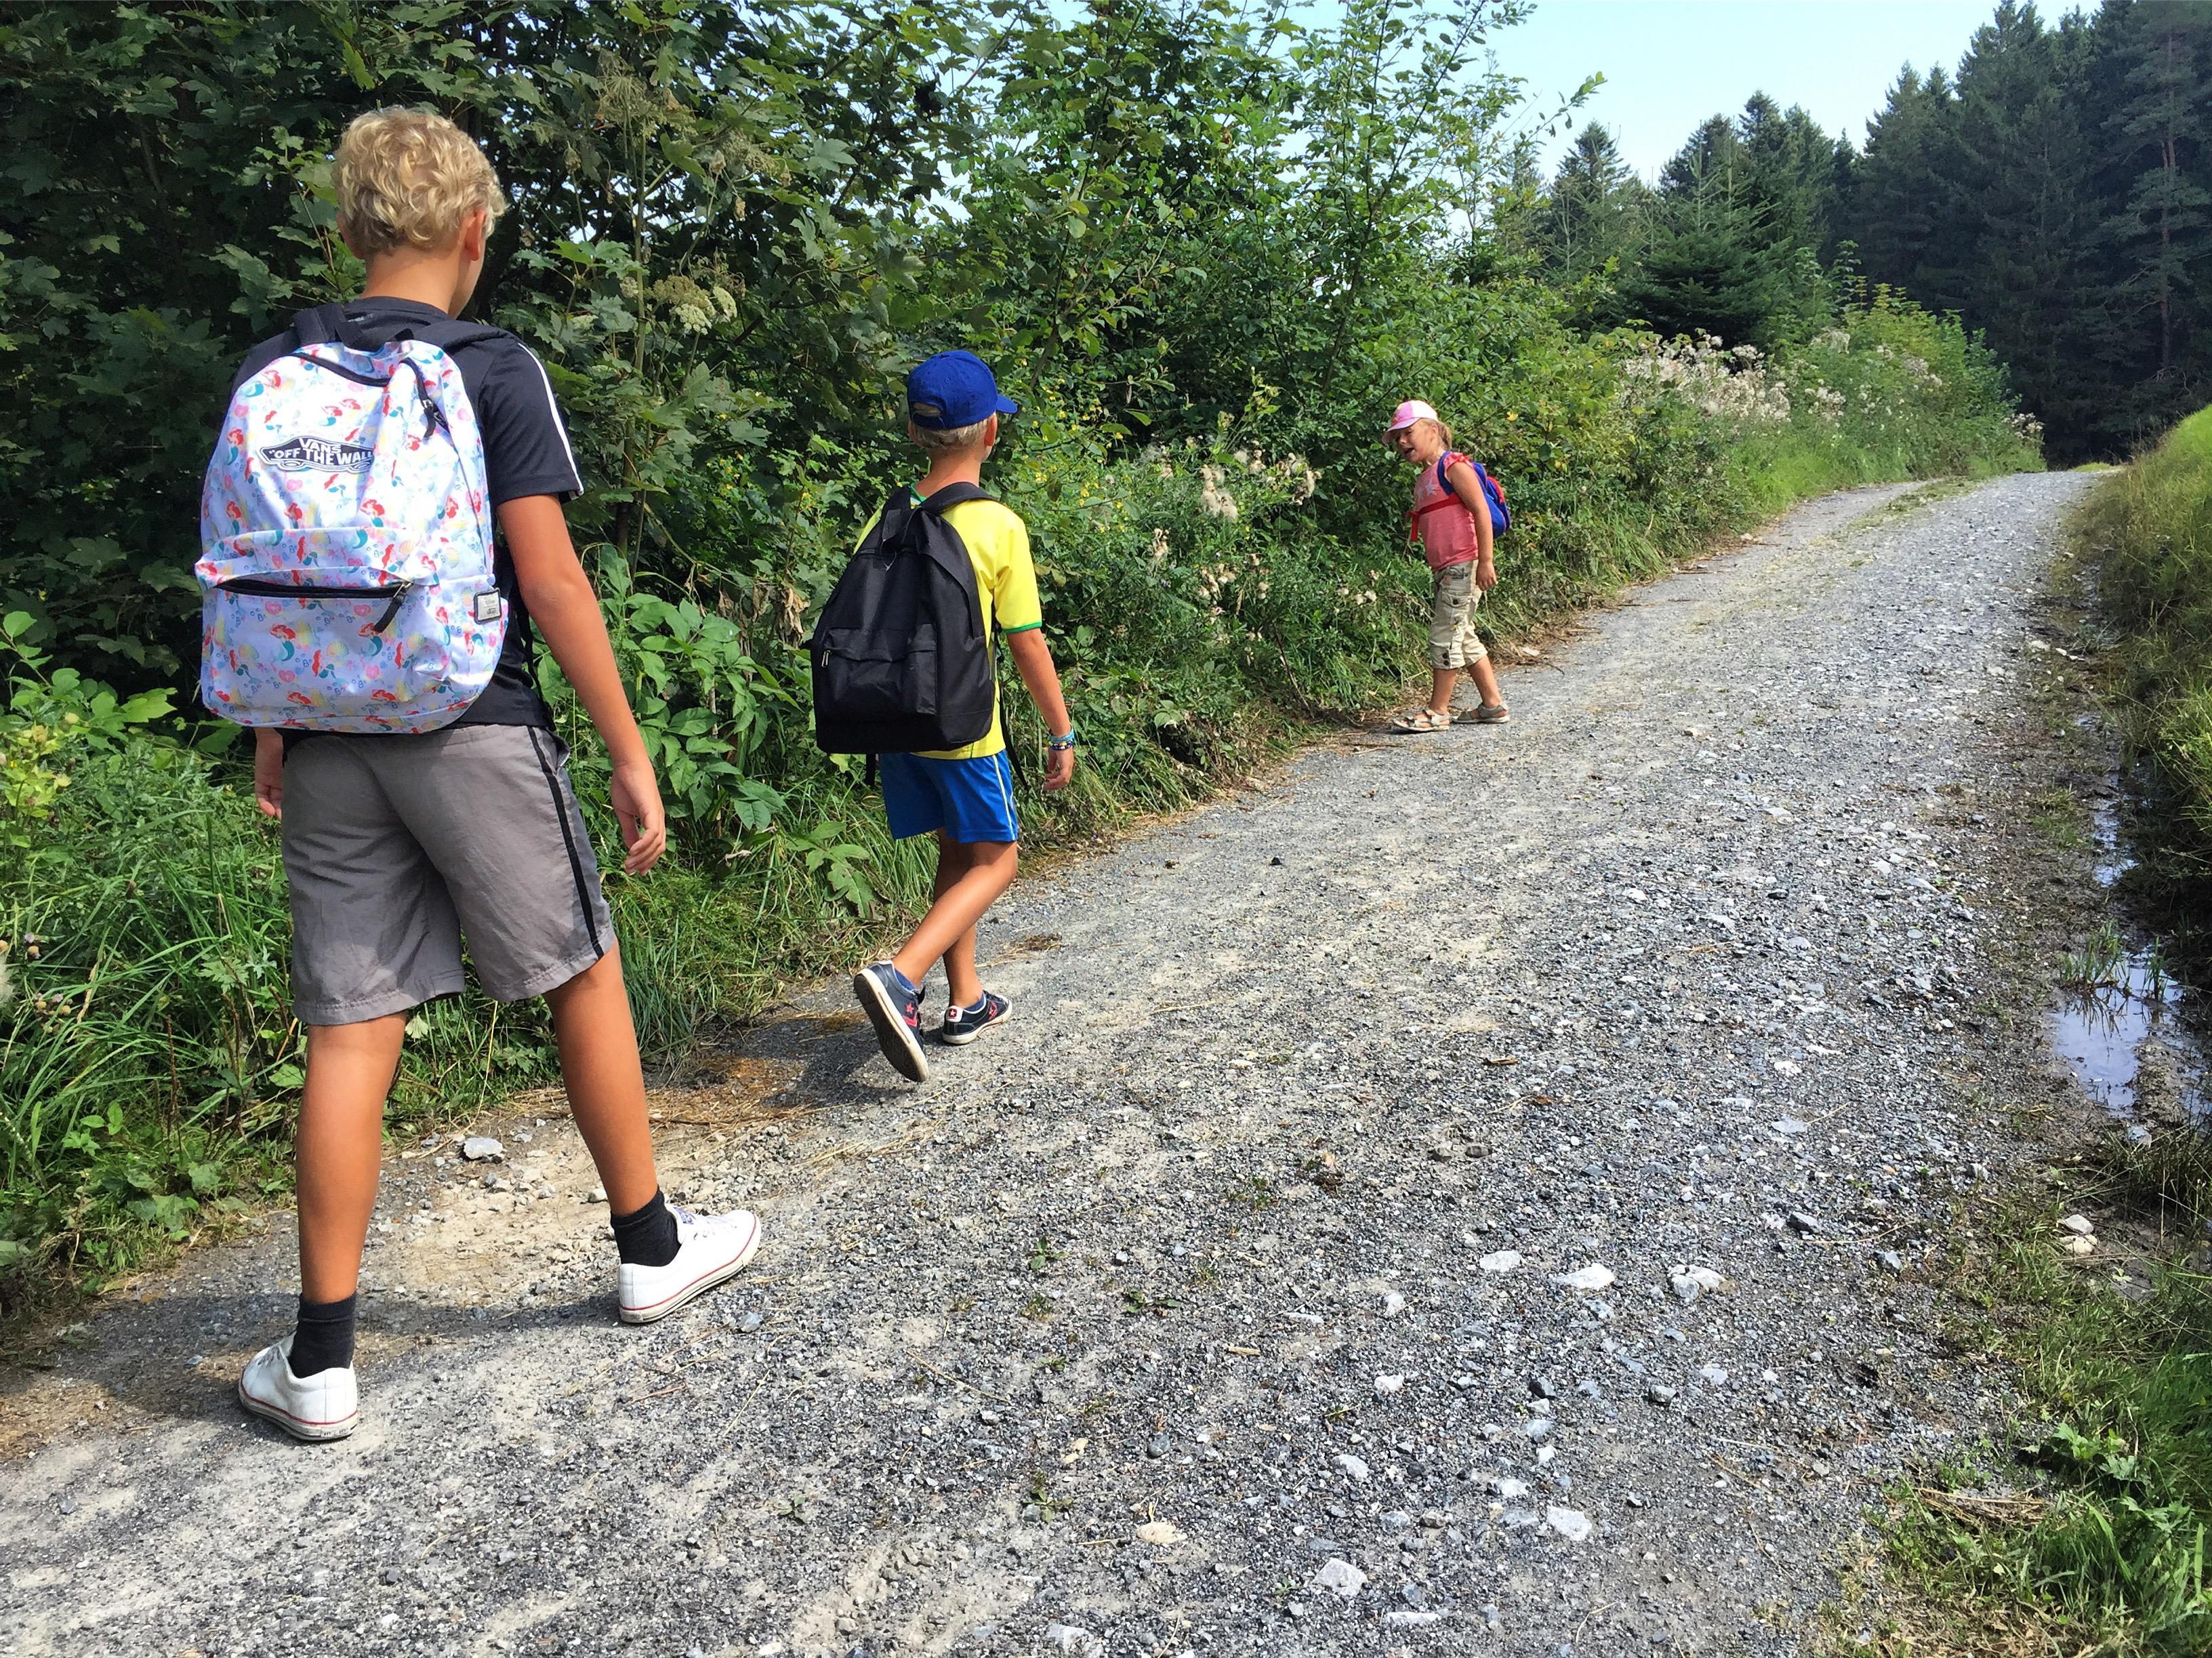 Gelukkig liepen Eva en de jongens wel.